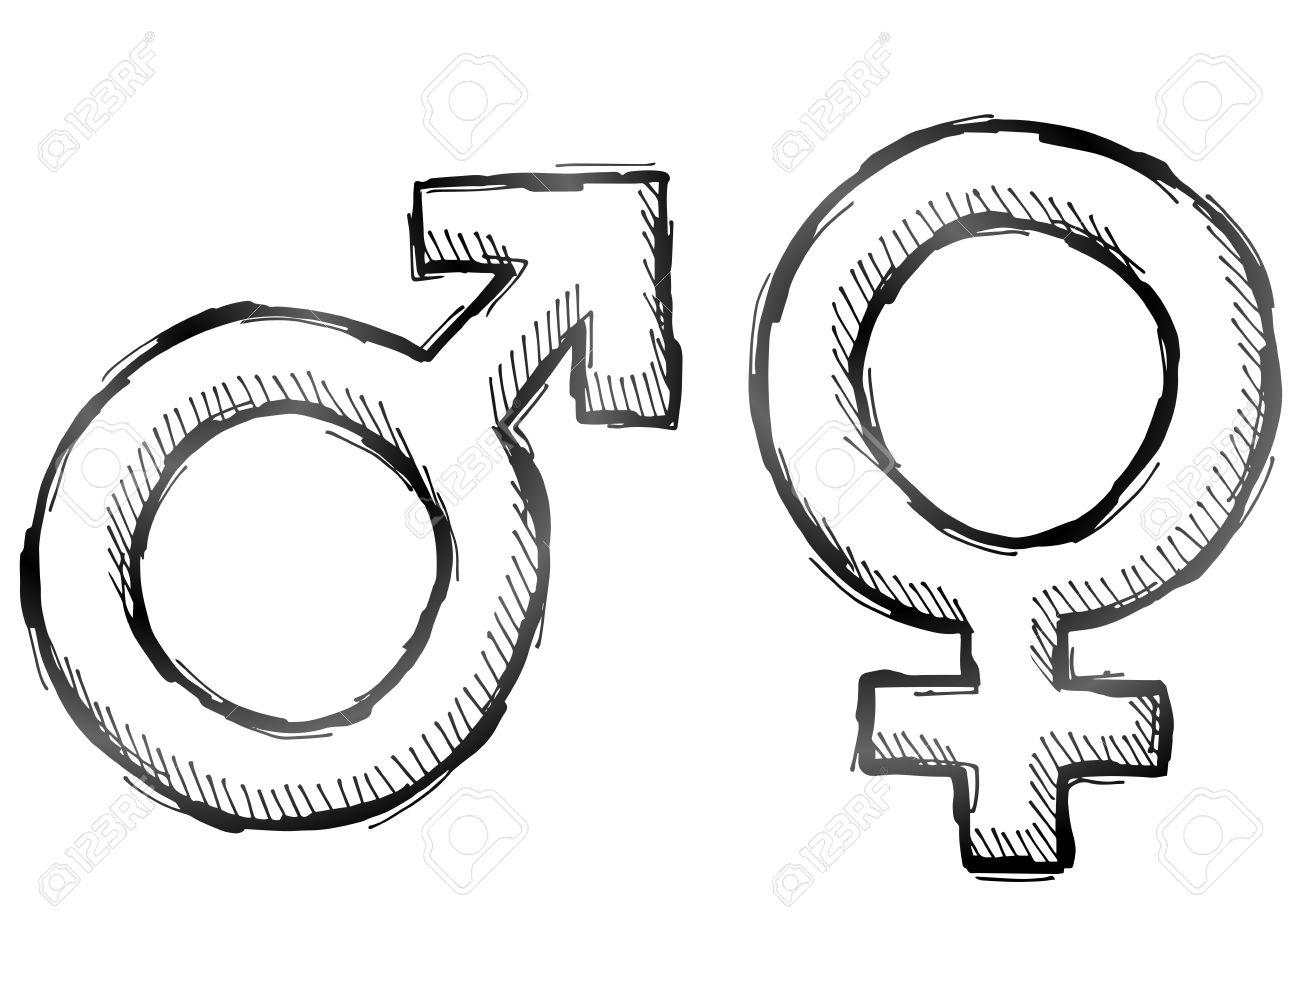 Dibujado A Mano Símbolos De Género Boceto De Hombre Y Mujer Señales